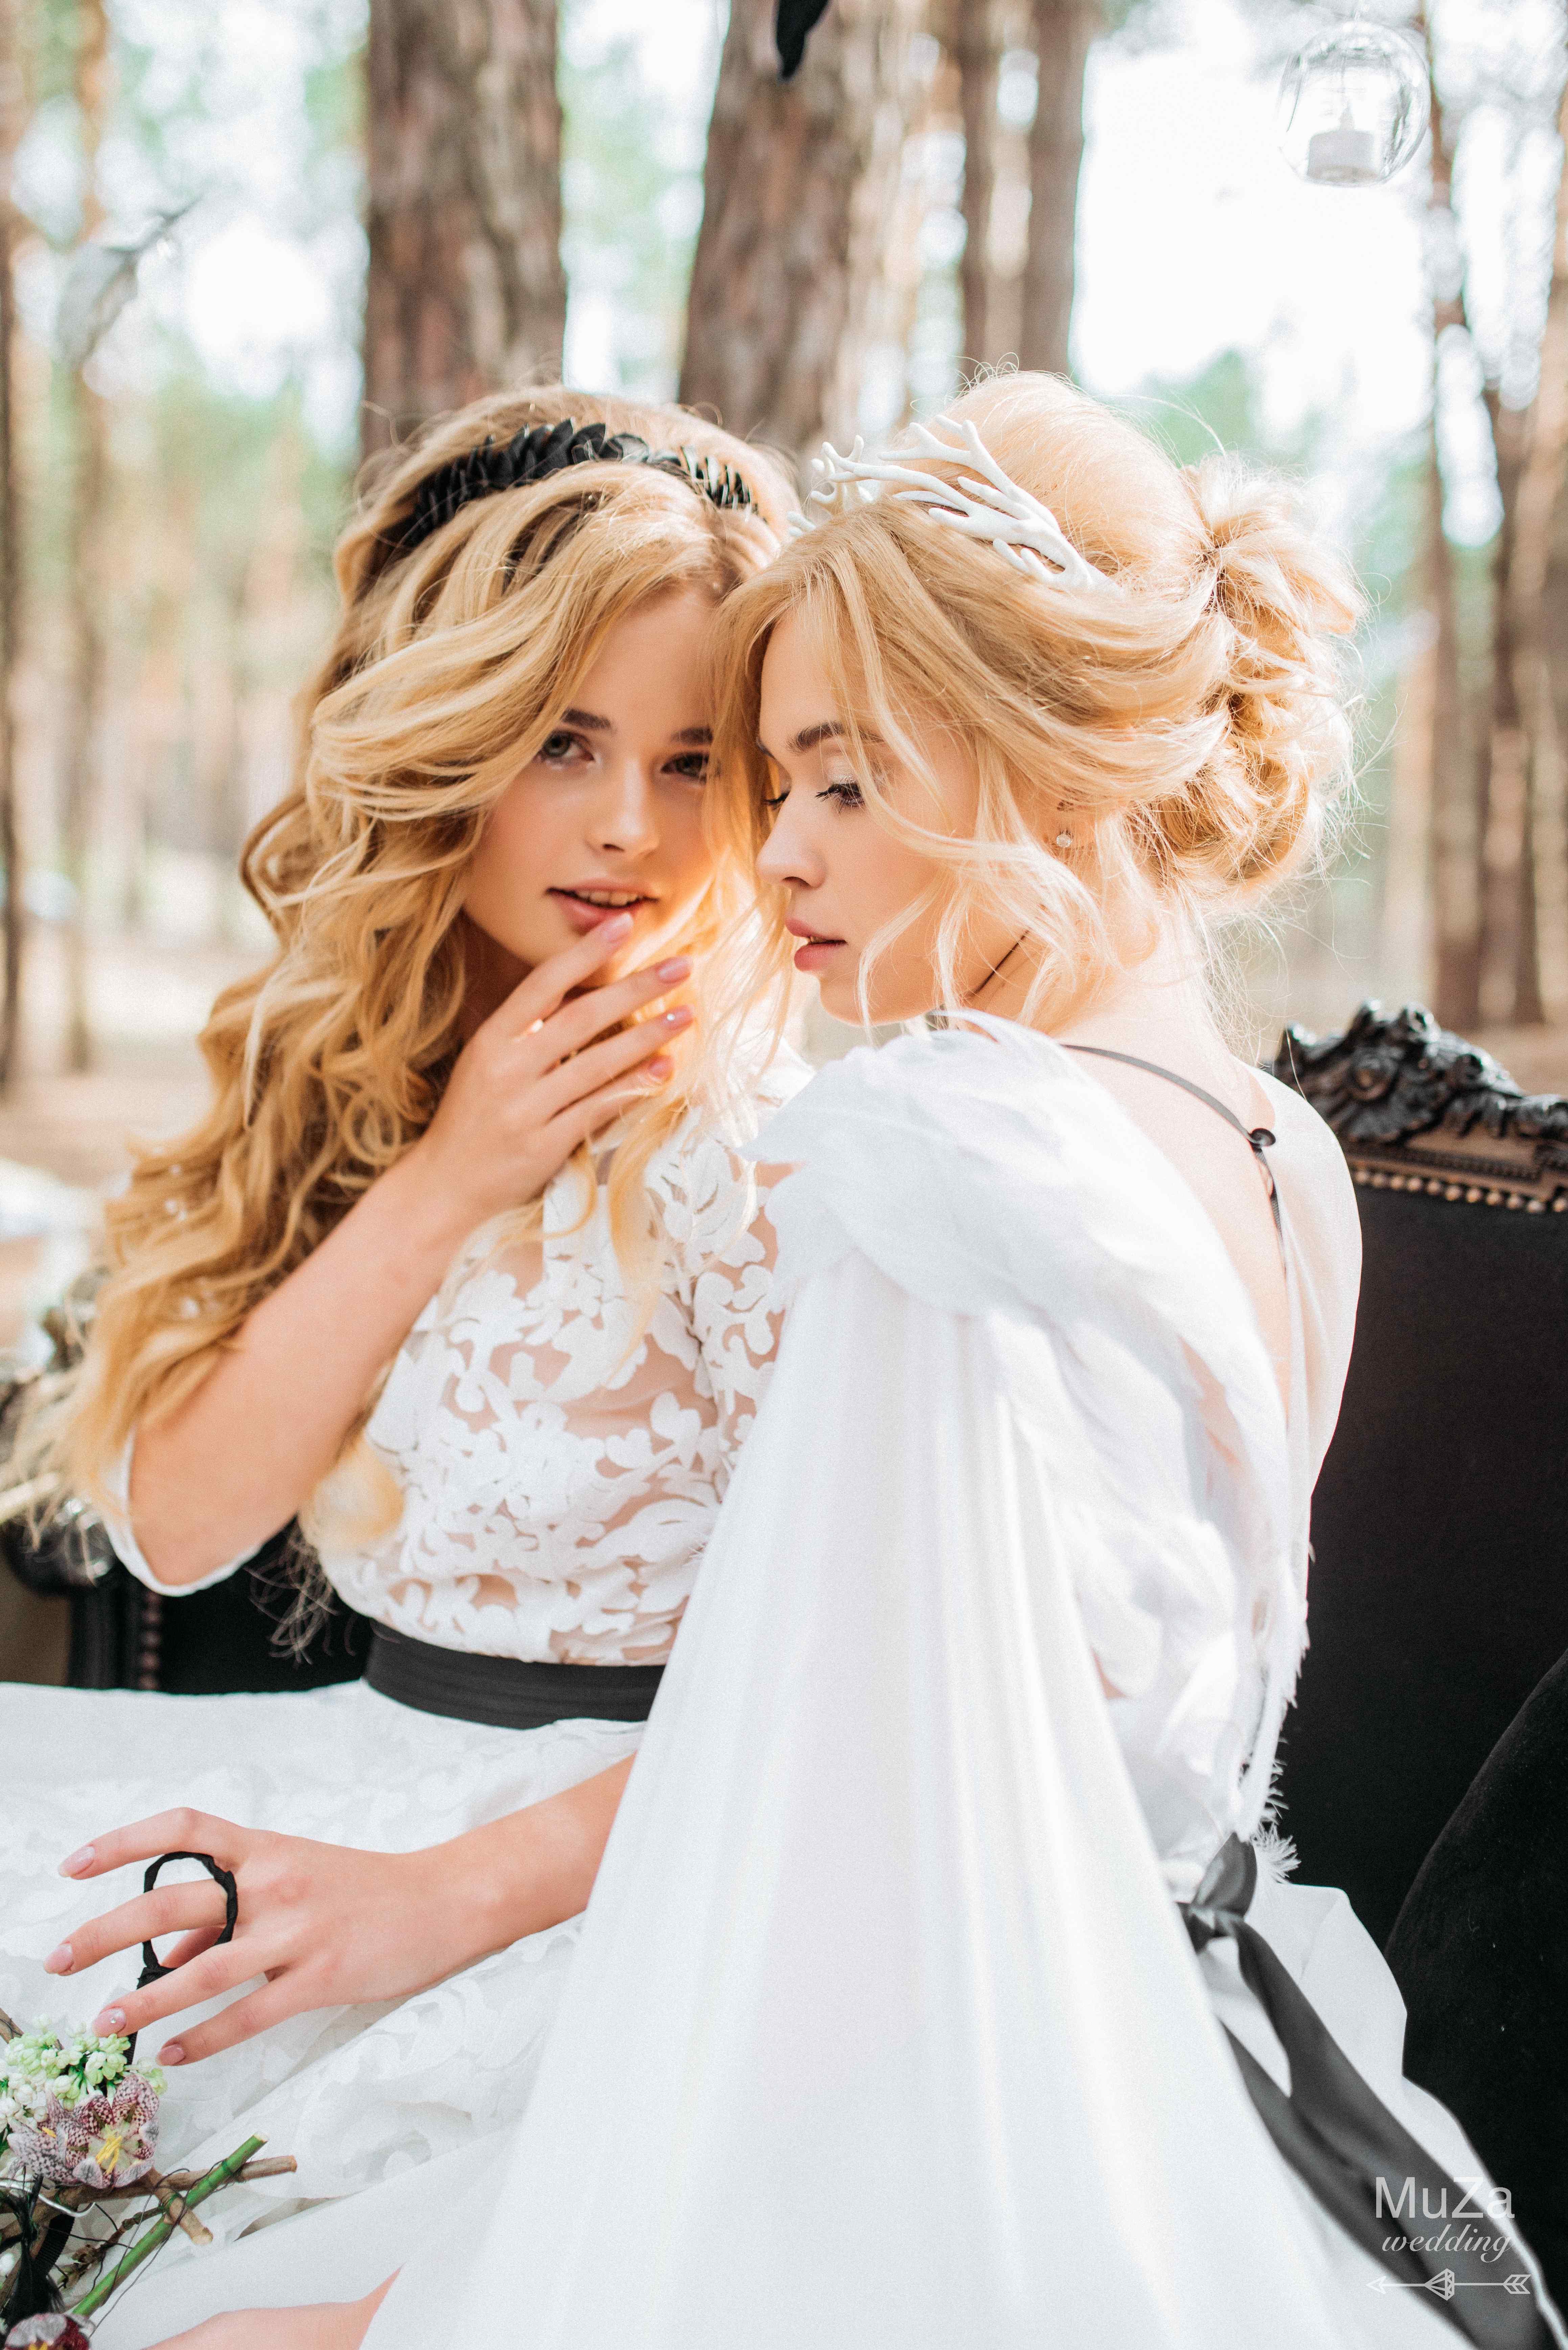 какой свадебный образ в моде